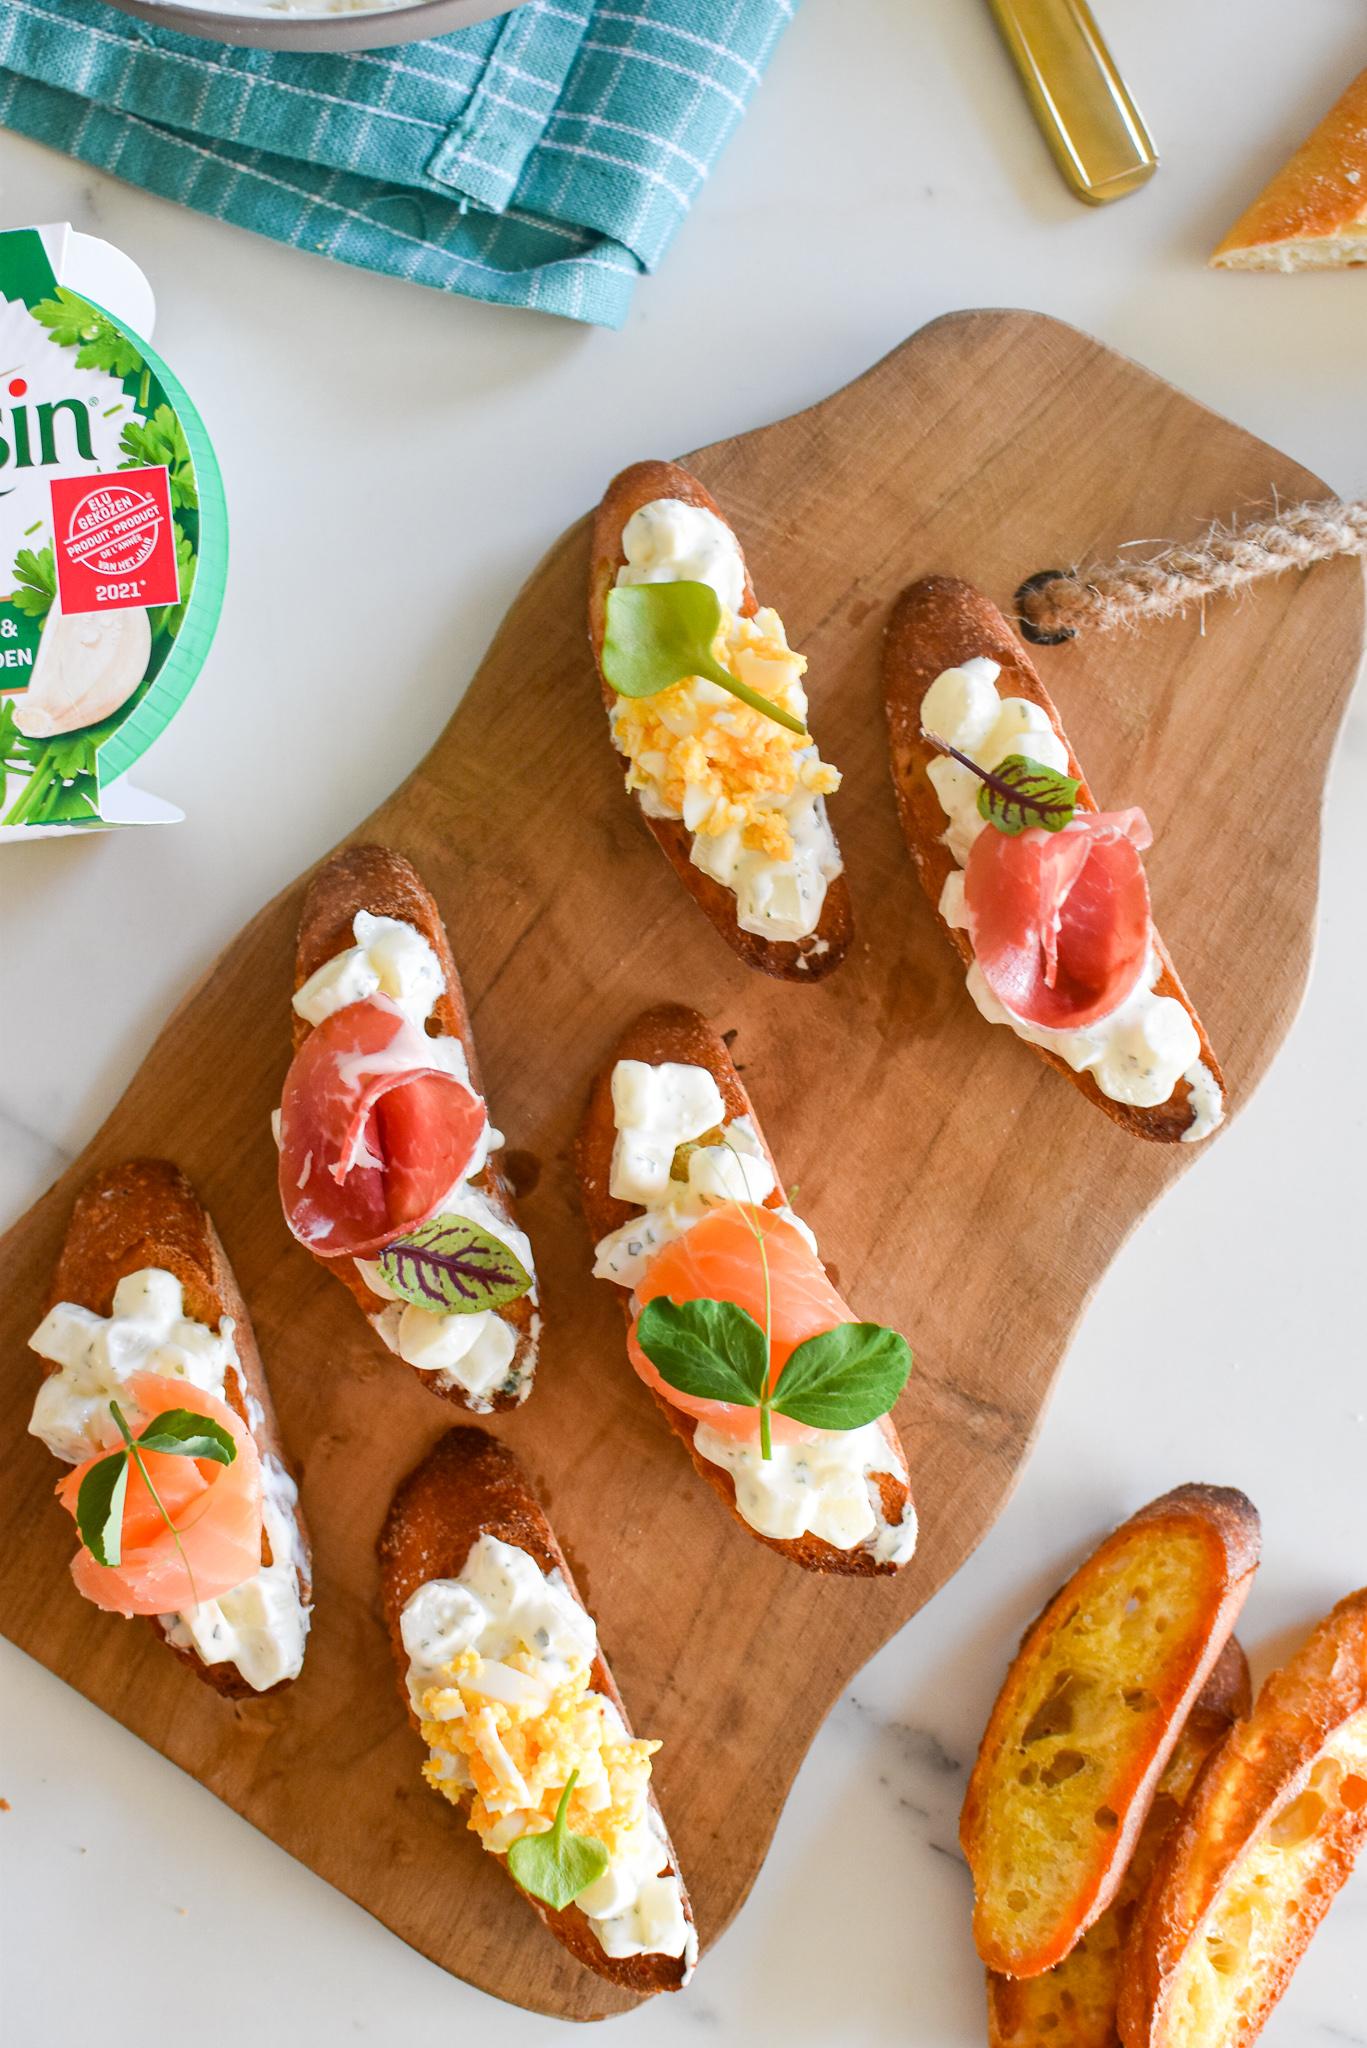 Drie crostini's met asperges en Boursin Zacht & Romig Knoflook & Fijne Kruiden en een topping van gerookte zalm, coppa of mimosa van ei